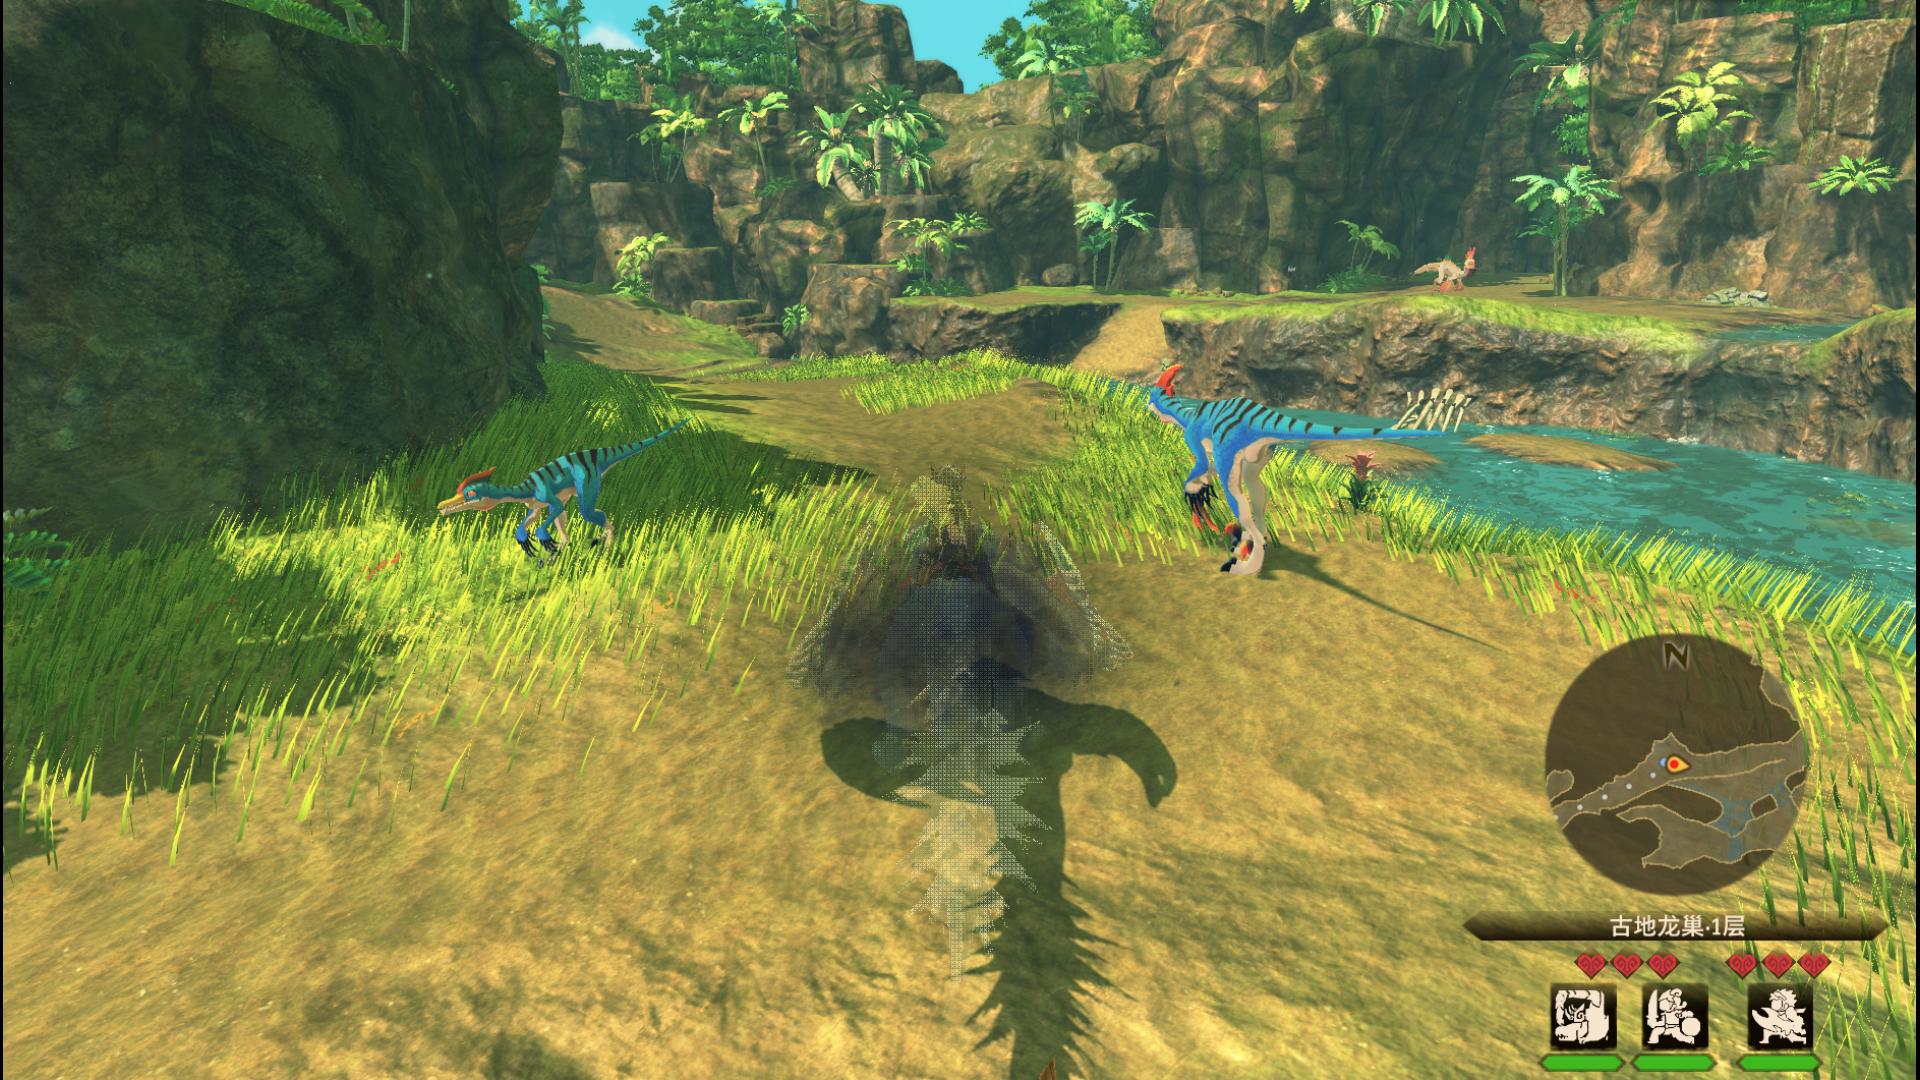 怪物猎人物语2上位怪物图鉴全收集攻略